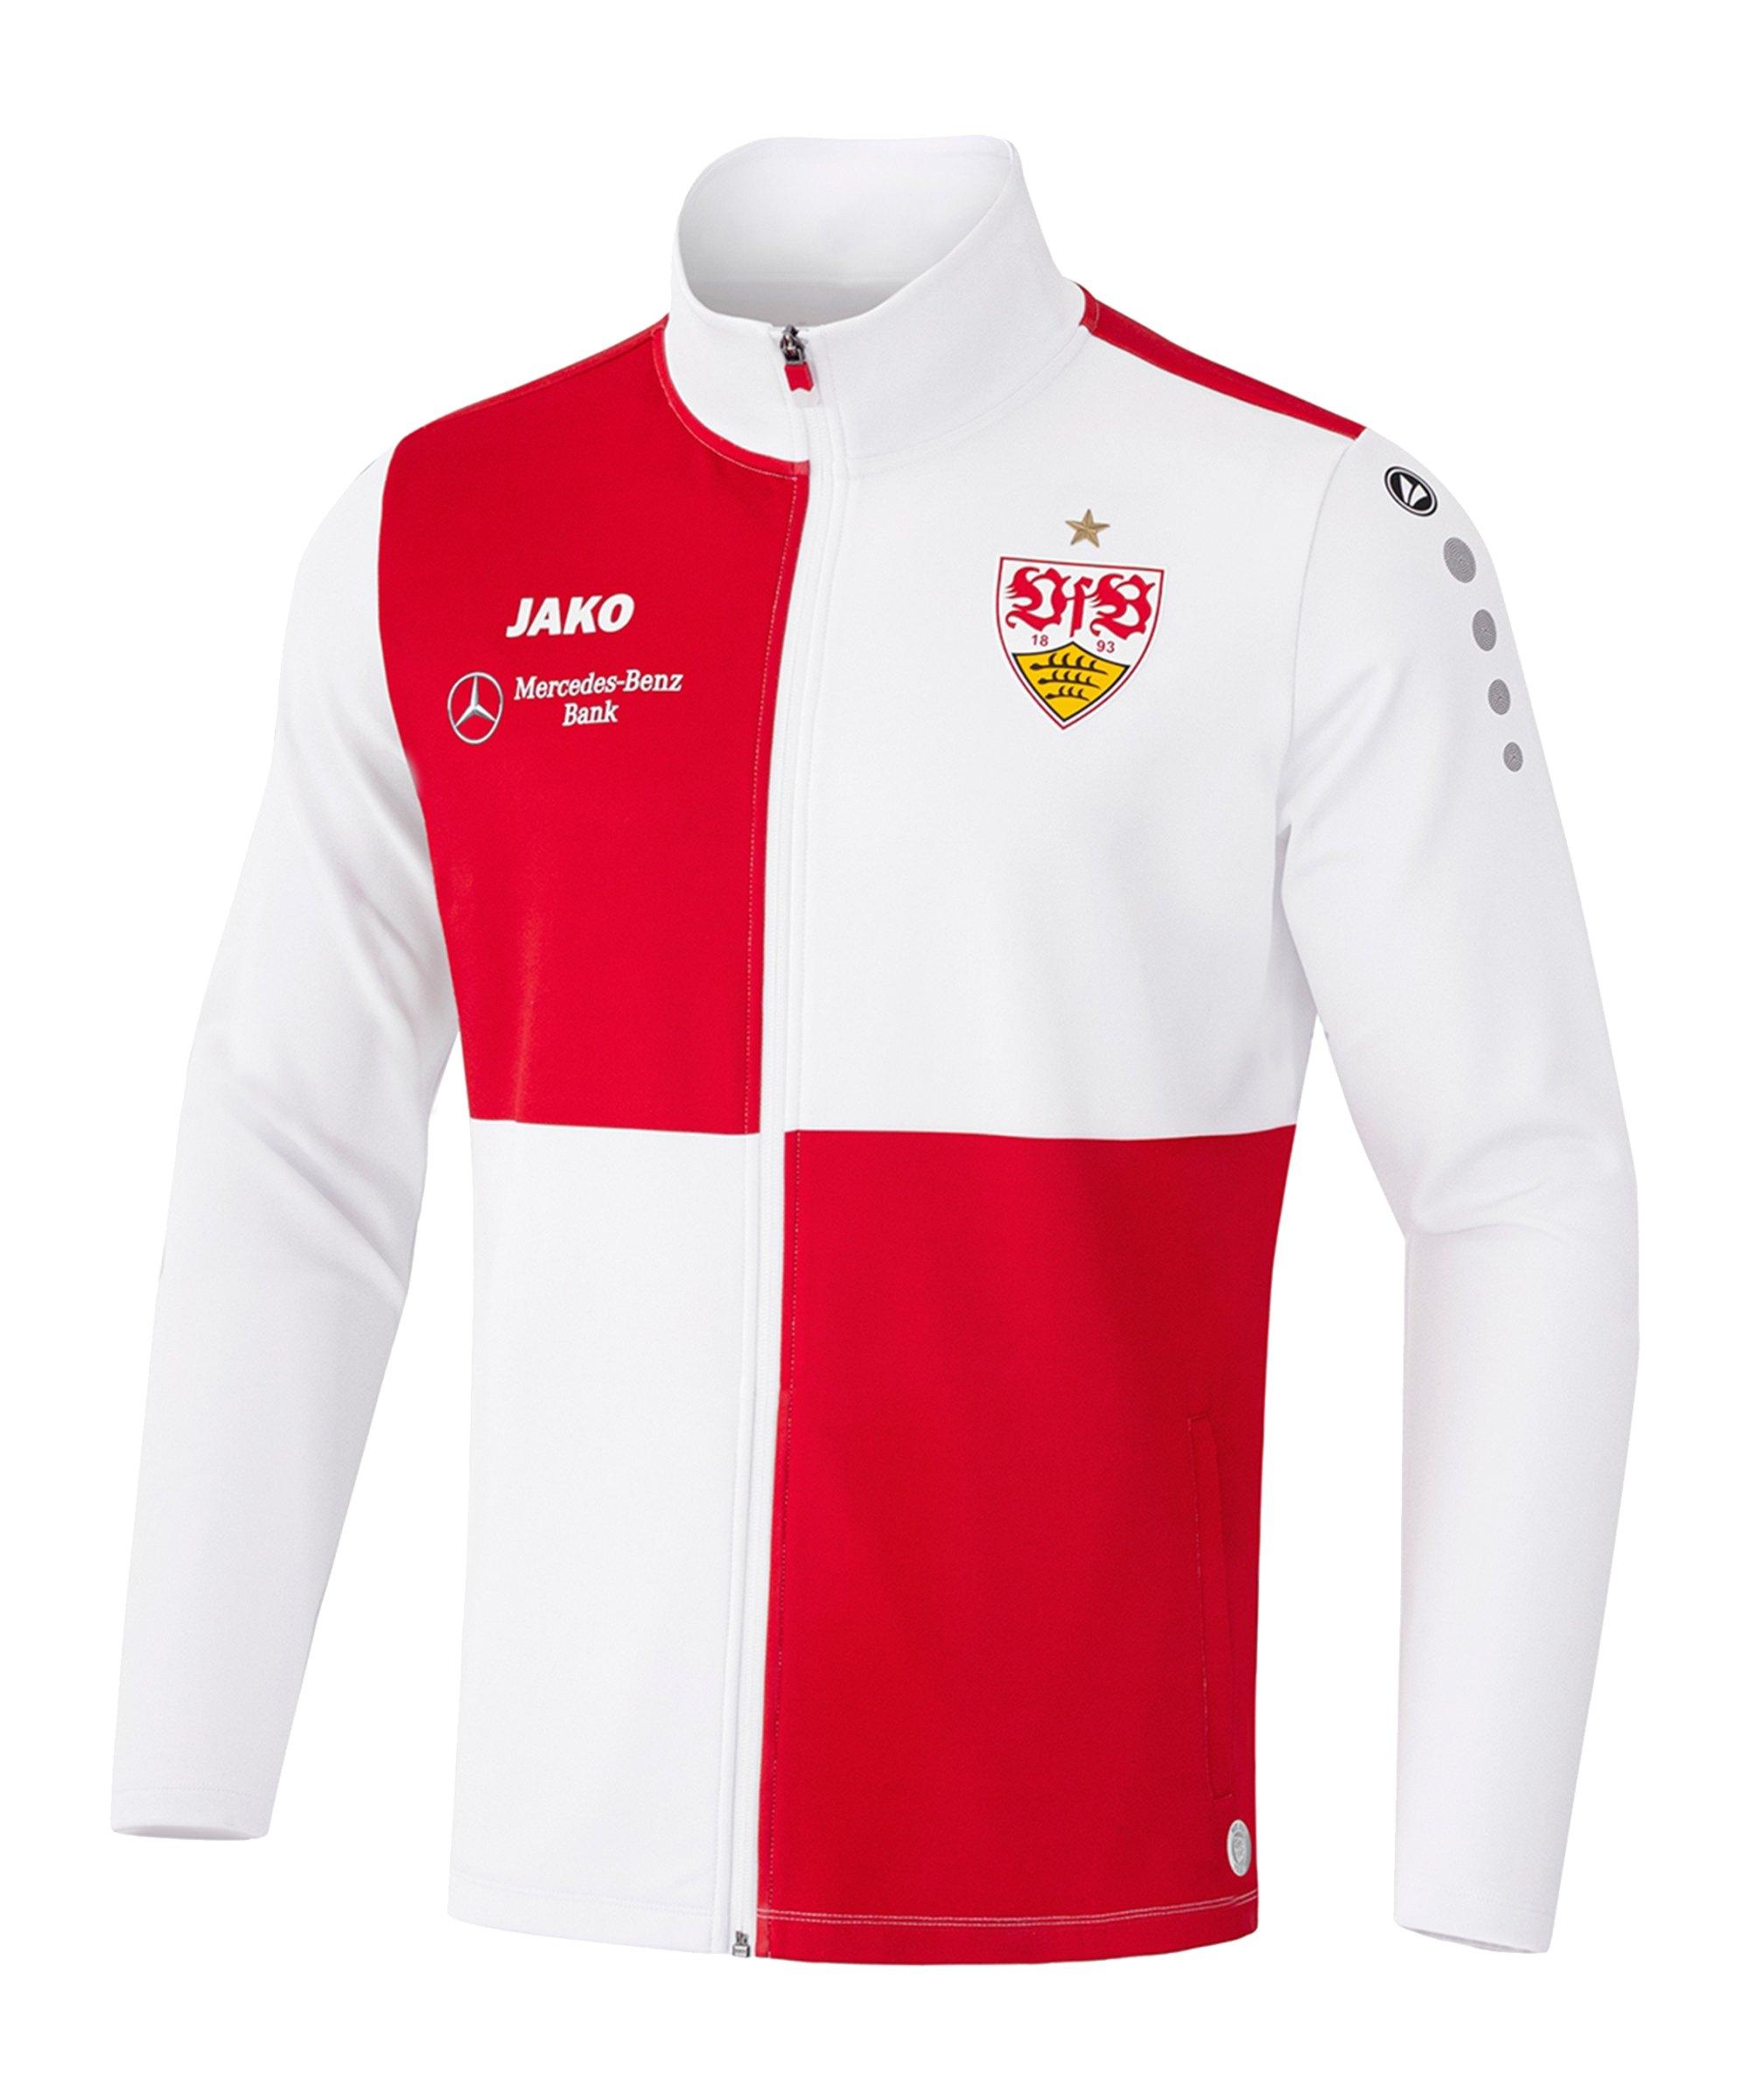 JAKO VfB Stuttgart Einlaufjacke 2021/2022 Weiss Rot F11 - weiss